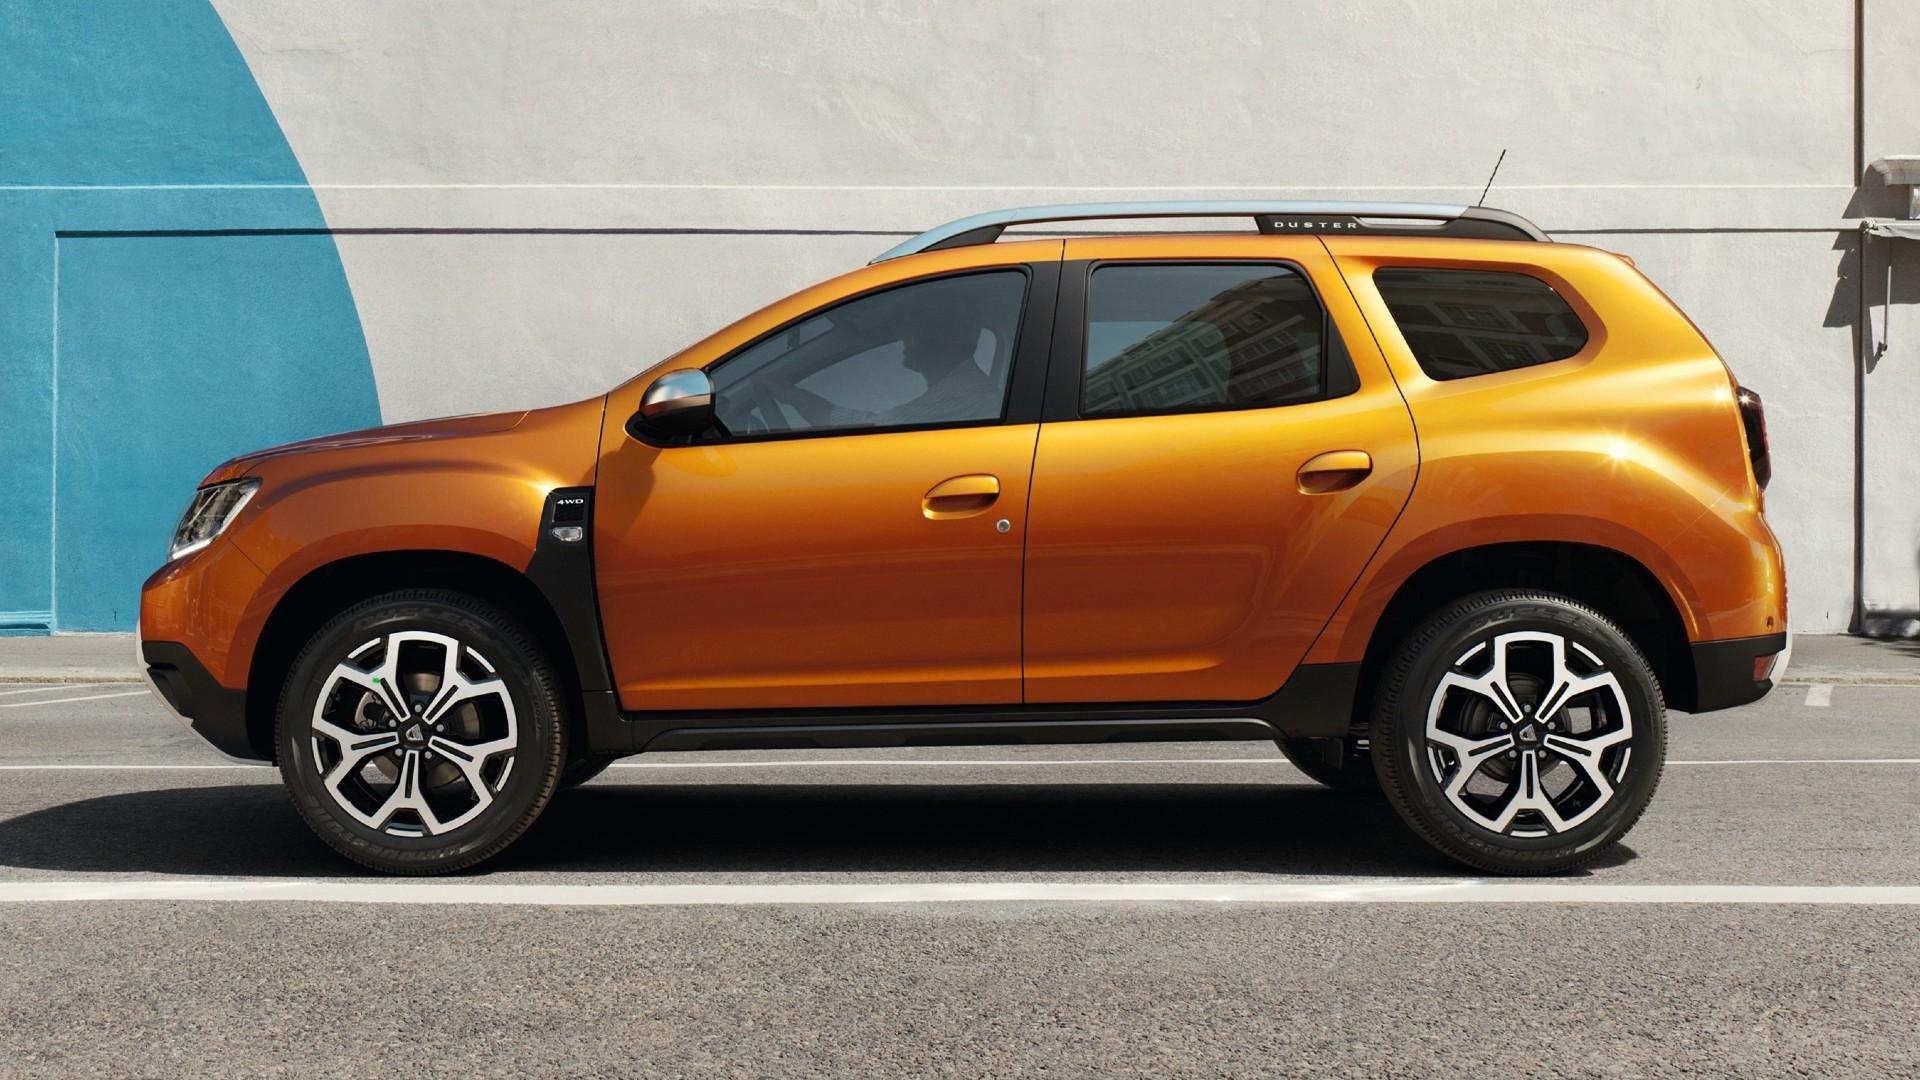 Νέο Dacia Duster: Έρχεται με νέα εμφάνιση και περισσότερη τεχνολογία (pics)